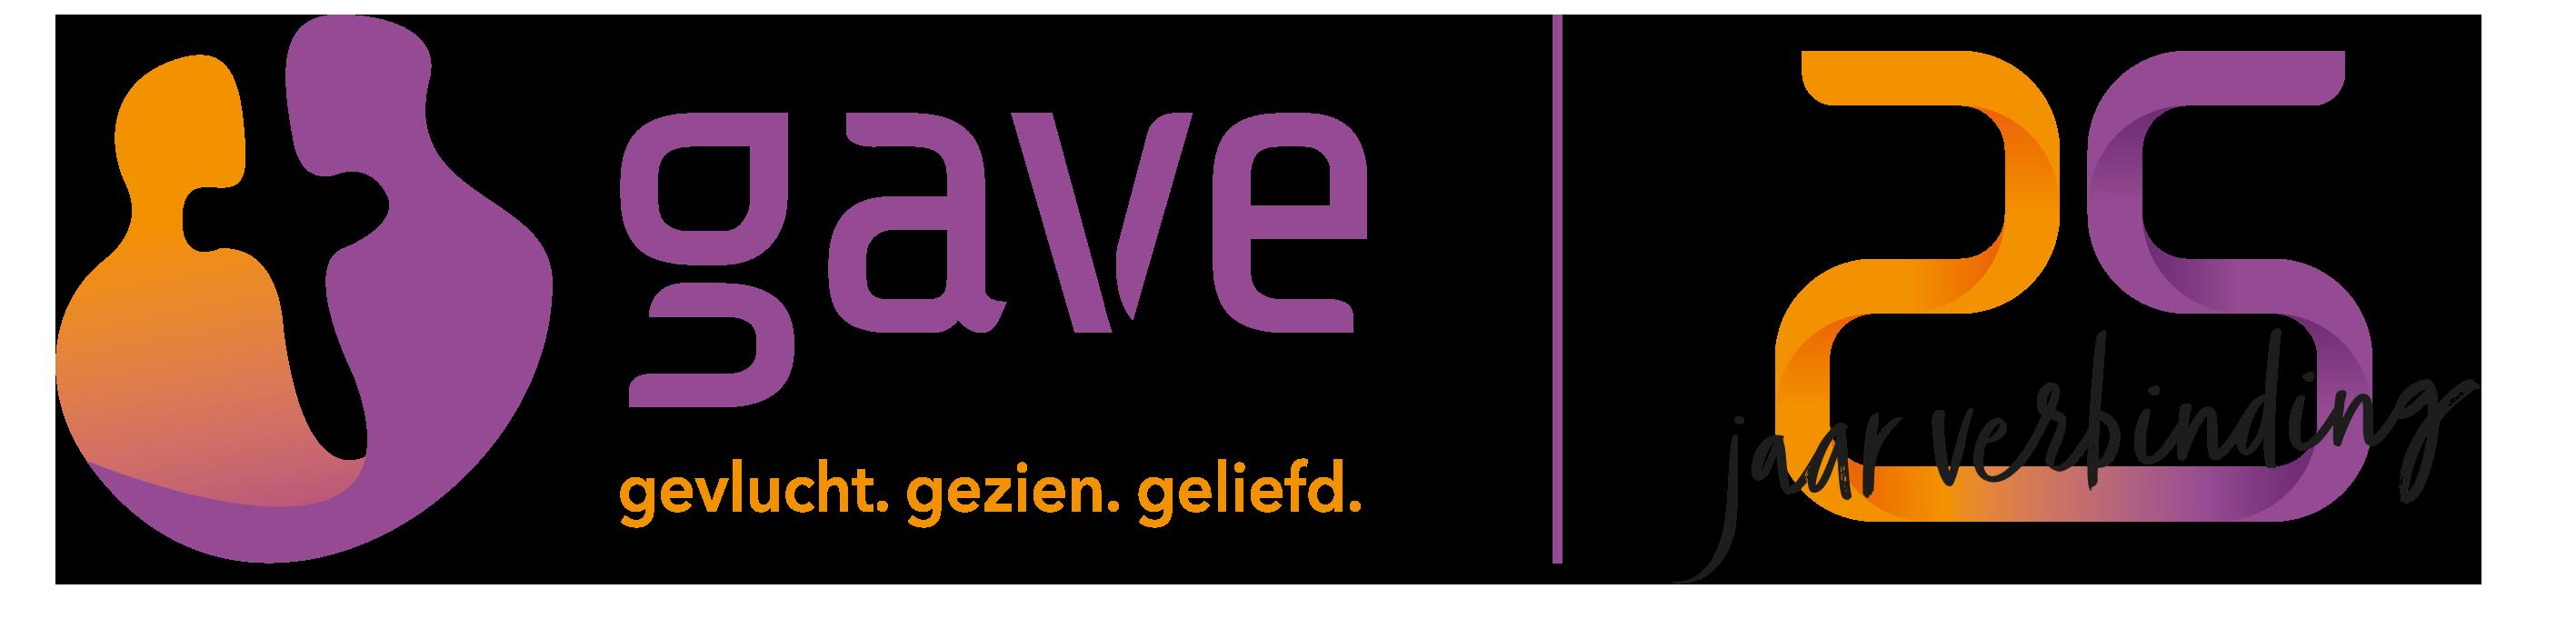 Gave Juridisch Logo